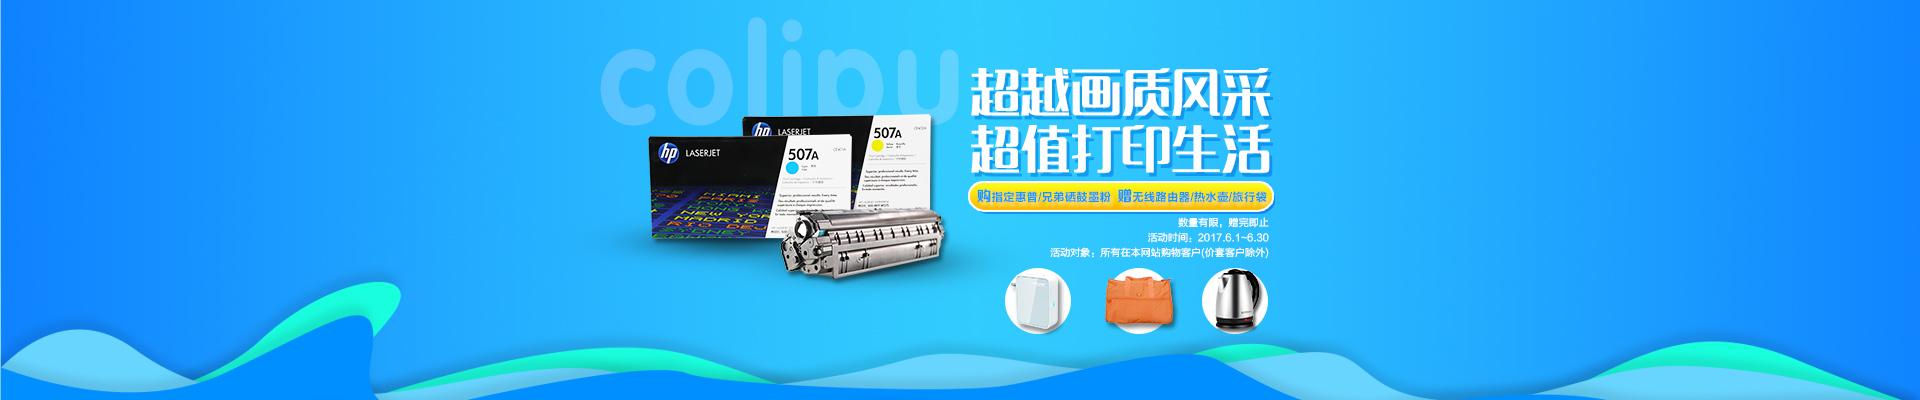 购指定惠普、兄弟硒鼓/墨粉 赠迷你型3G无线路由器/电热水壶/折叠旅行袋